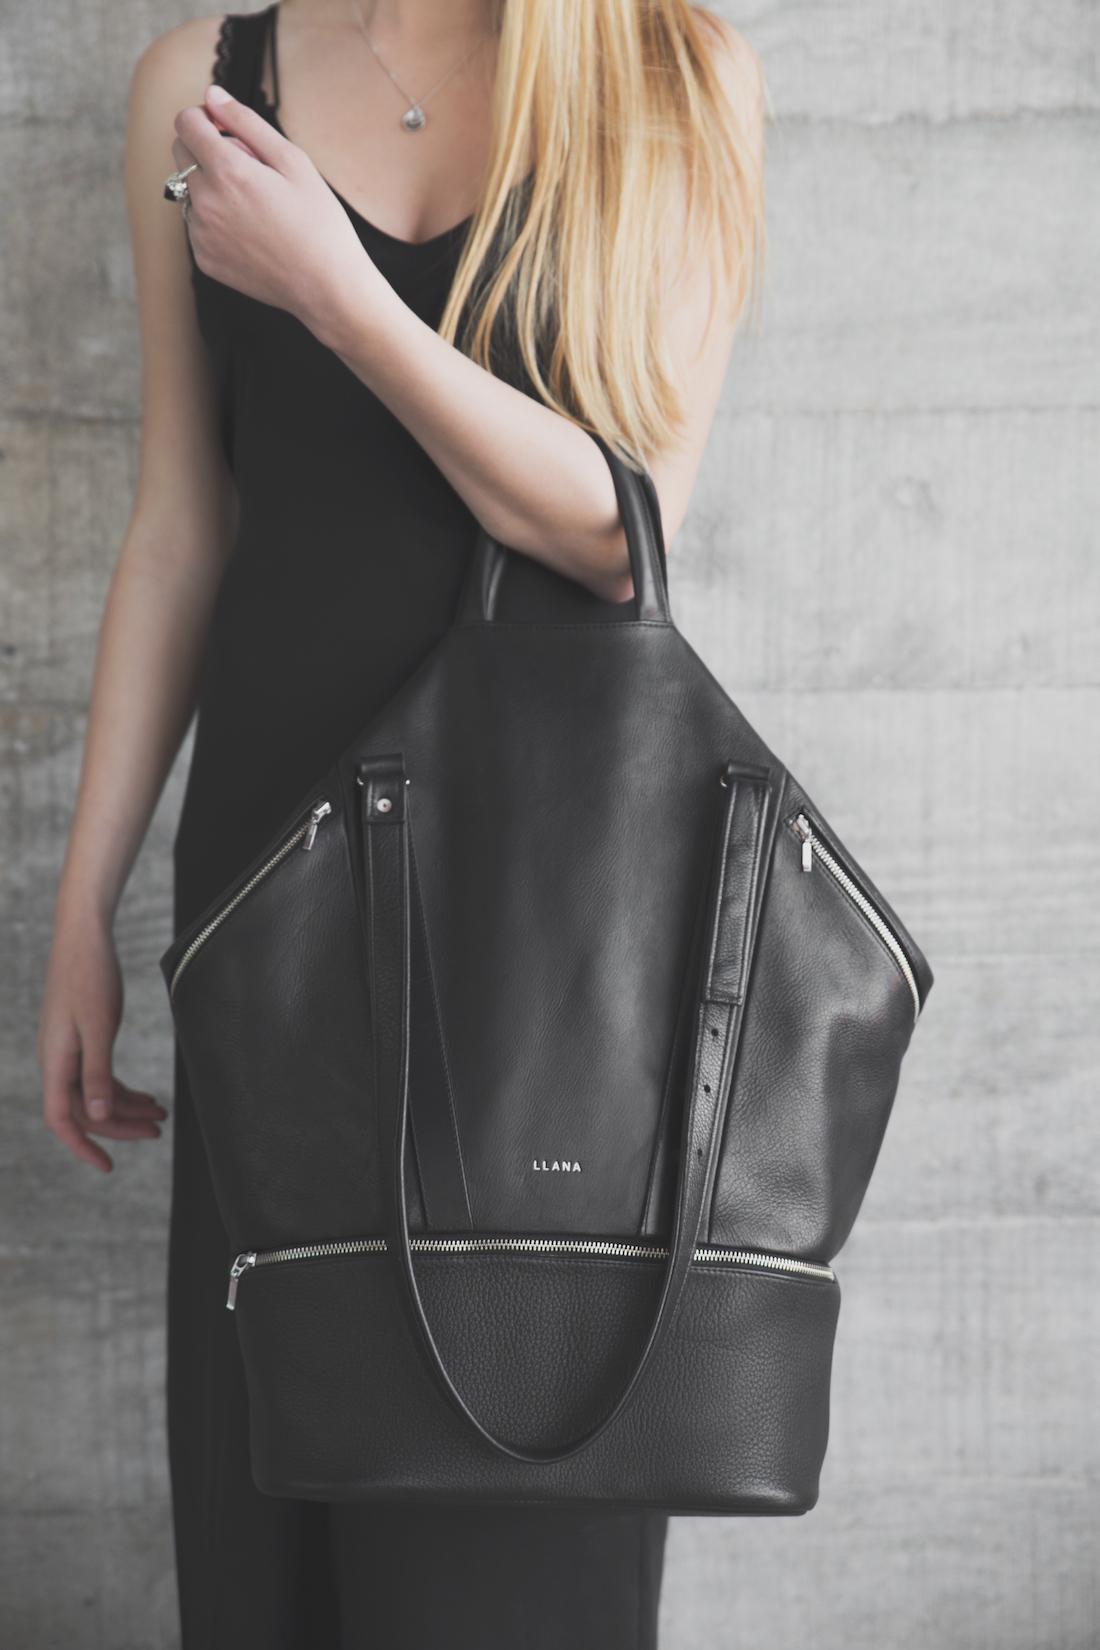 LLANA Handbag